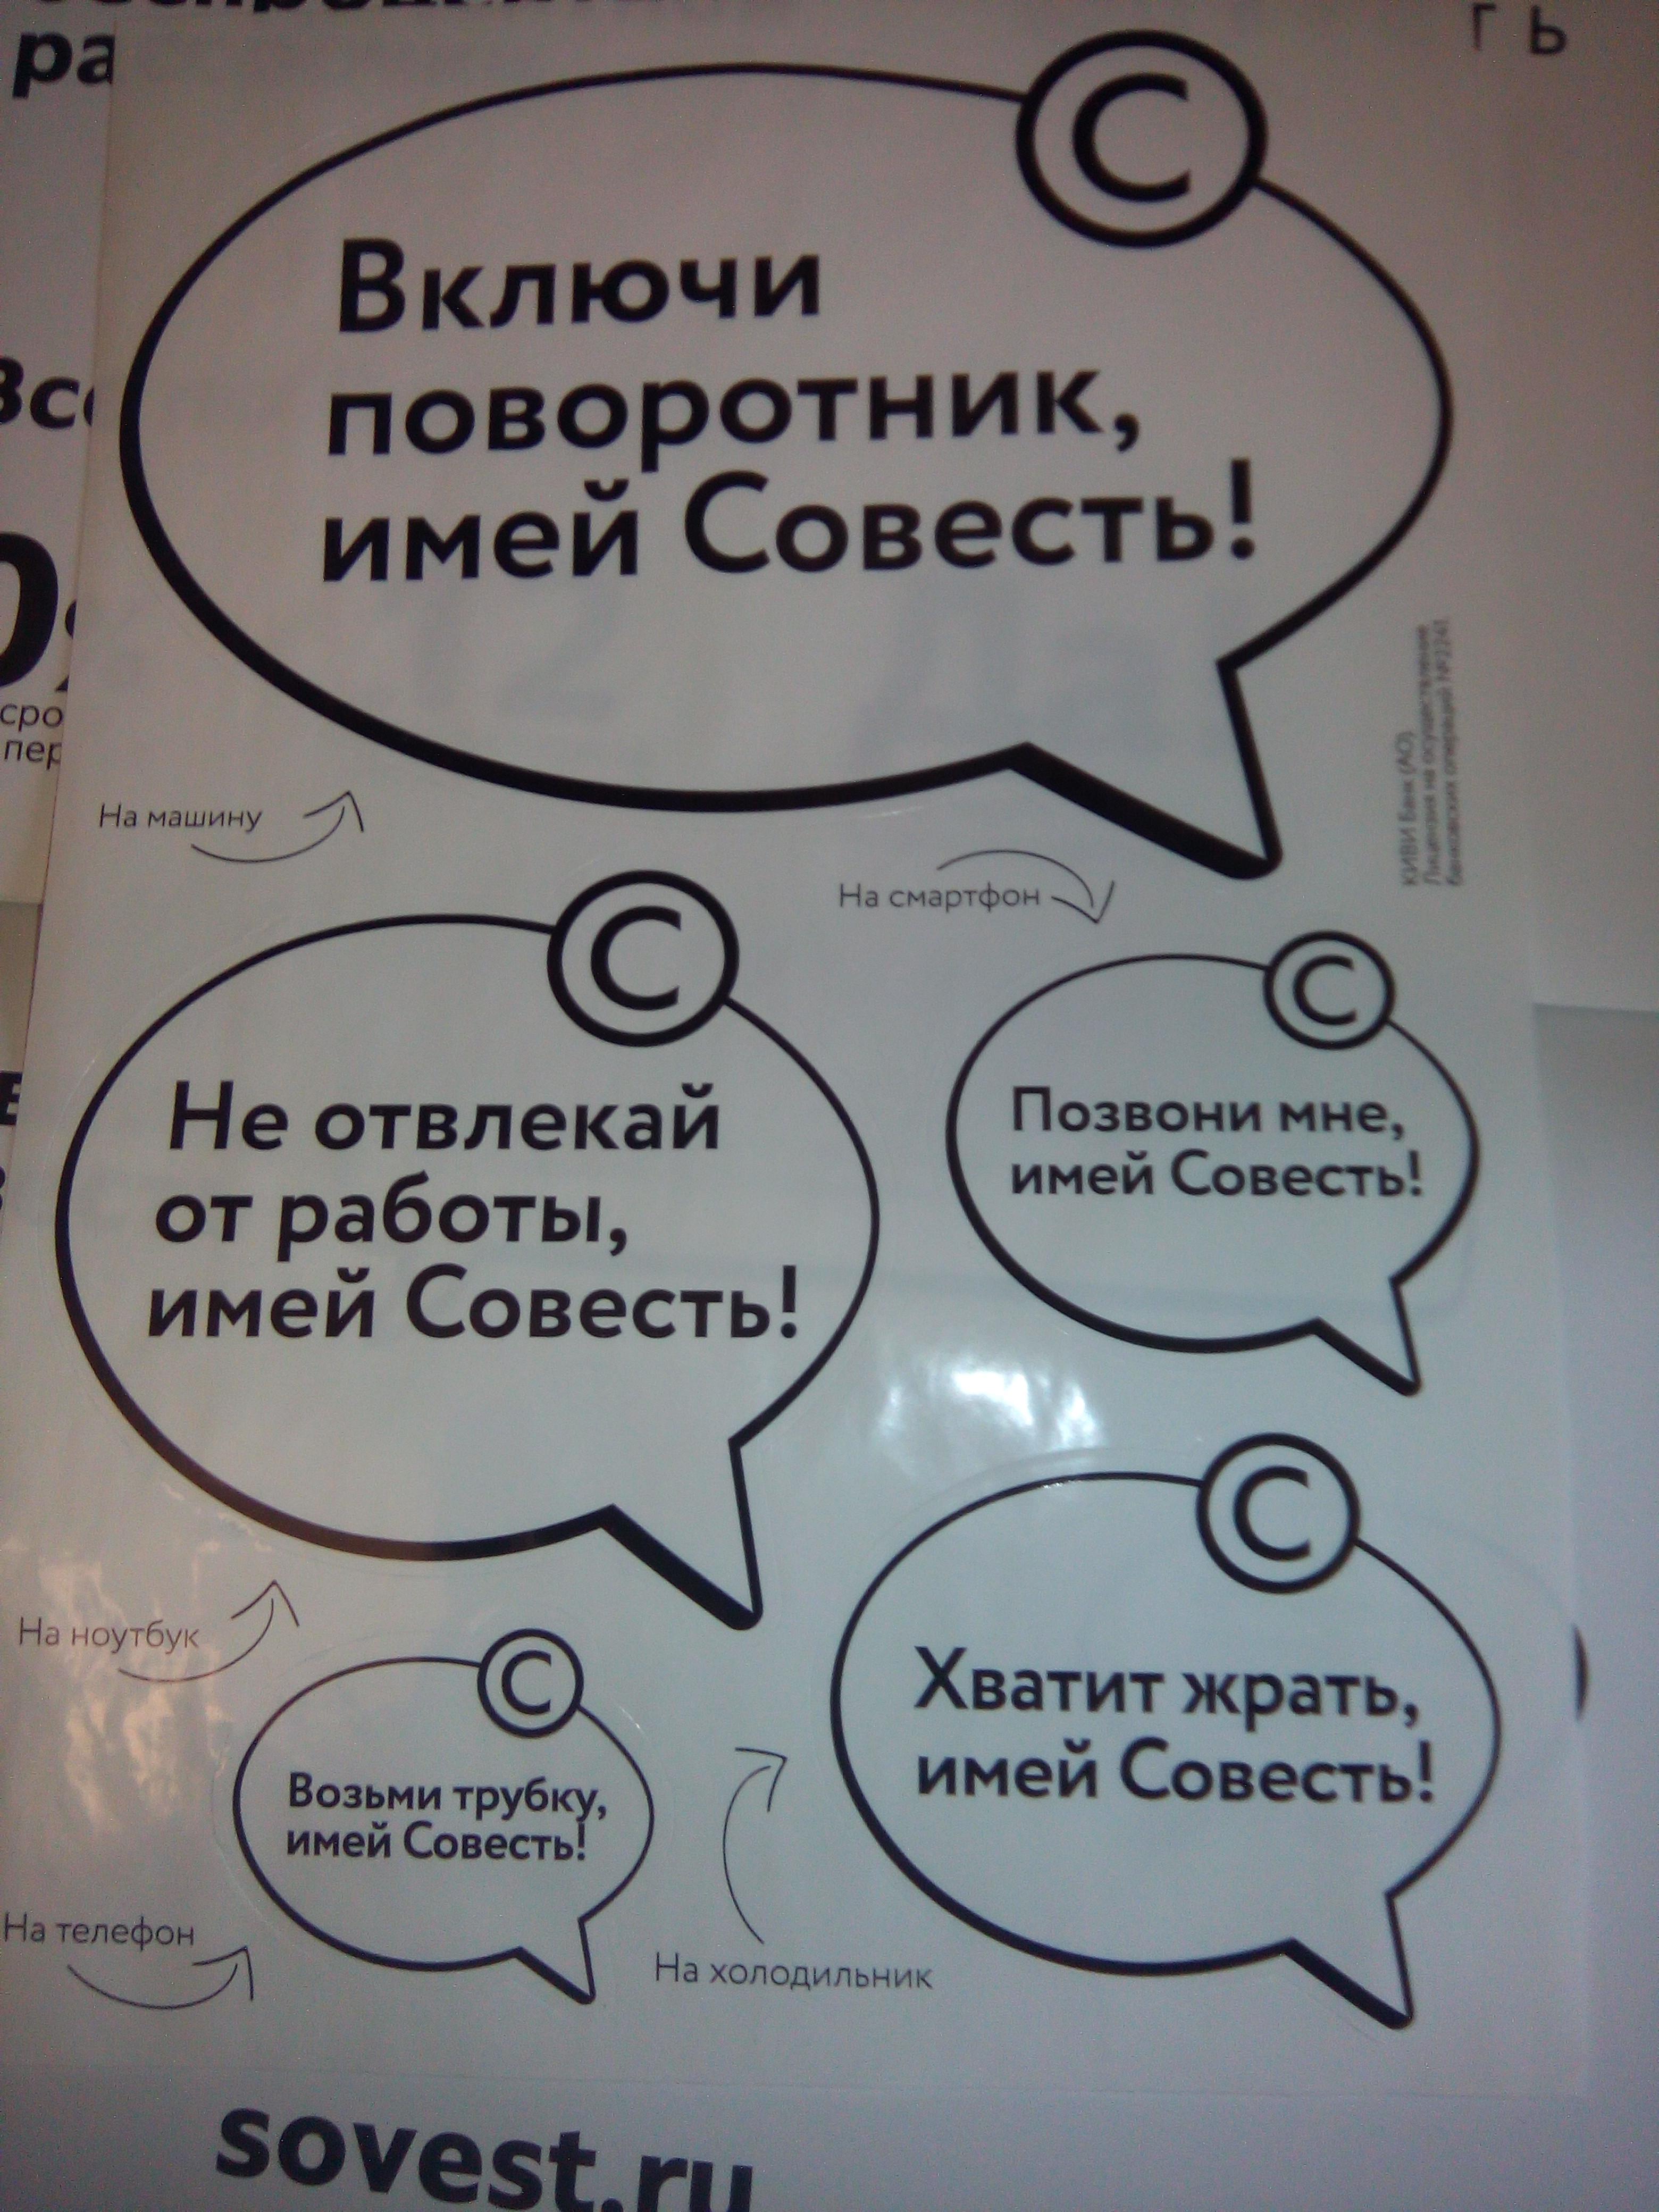 ао киви банк отзывы сотрудников москва